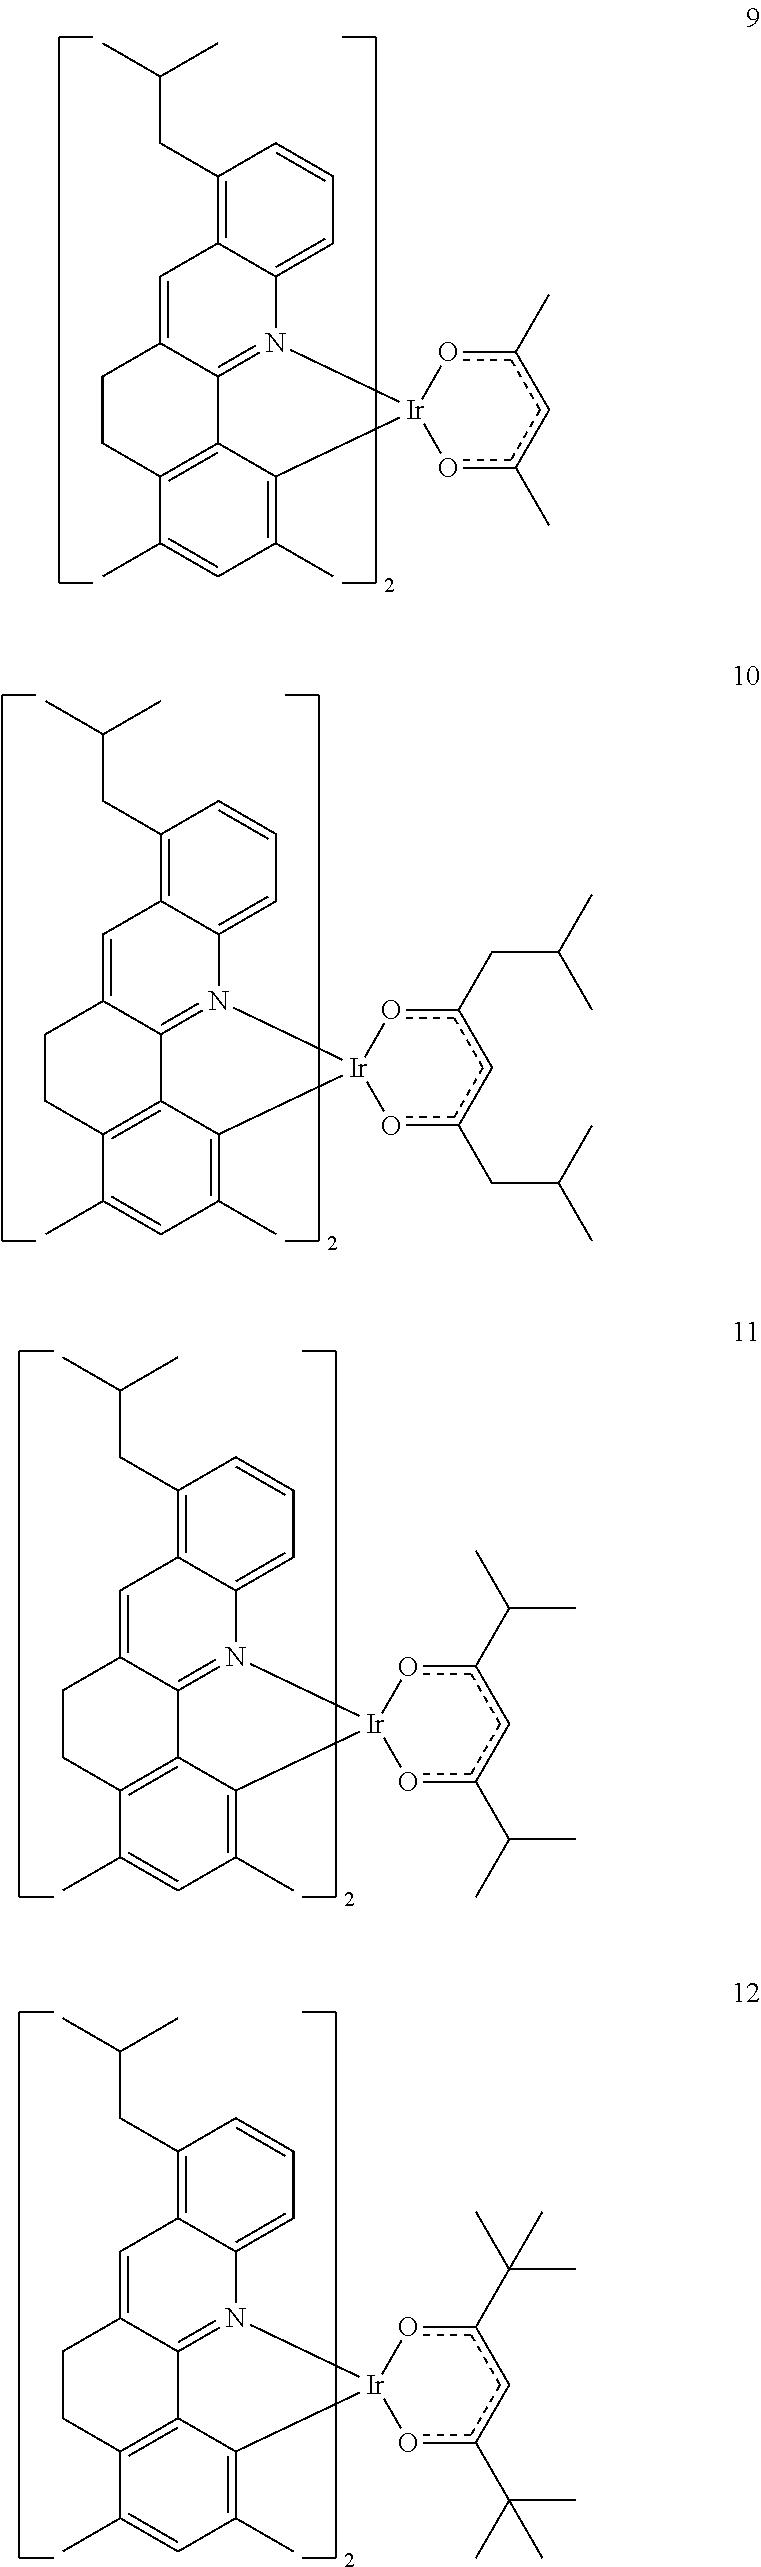 Figure US20130032785A1-20130207-C00217